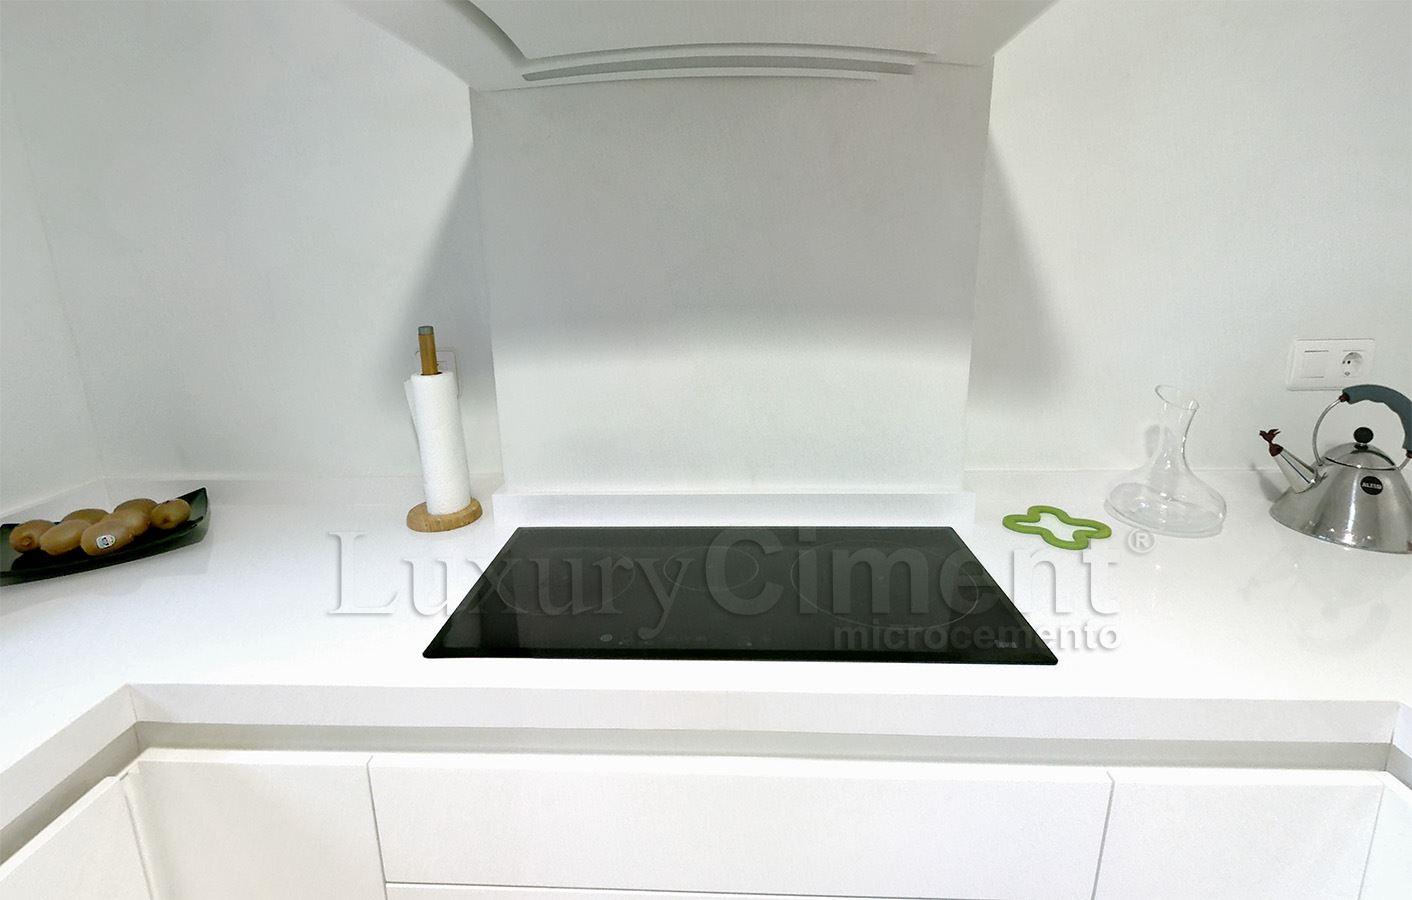 Microcemento en suelos paredes ba os cocinas para interior y exterior - Como aplicar microcemento ...